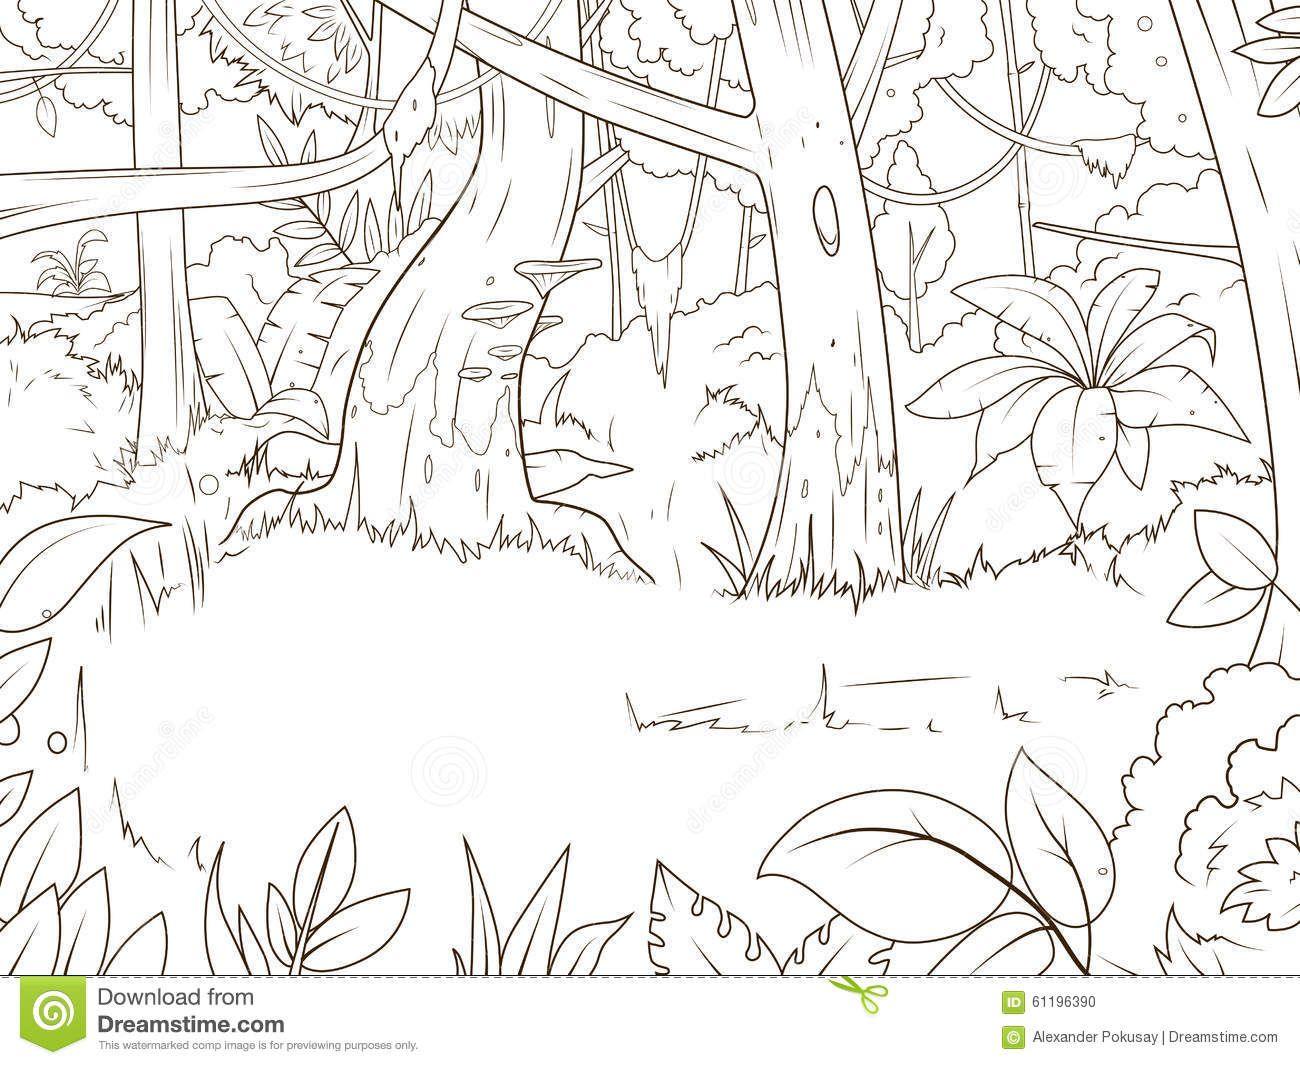 Vettore Del Libro Da Colorare Del Fumetto Della Foresta Della Giungla 61196390 Jpg 1300 1065 Libri Da Colorare Giungla Foreste